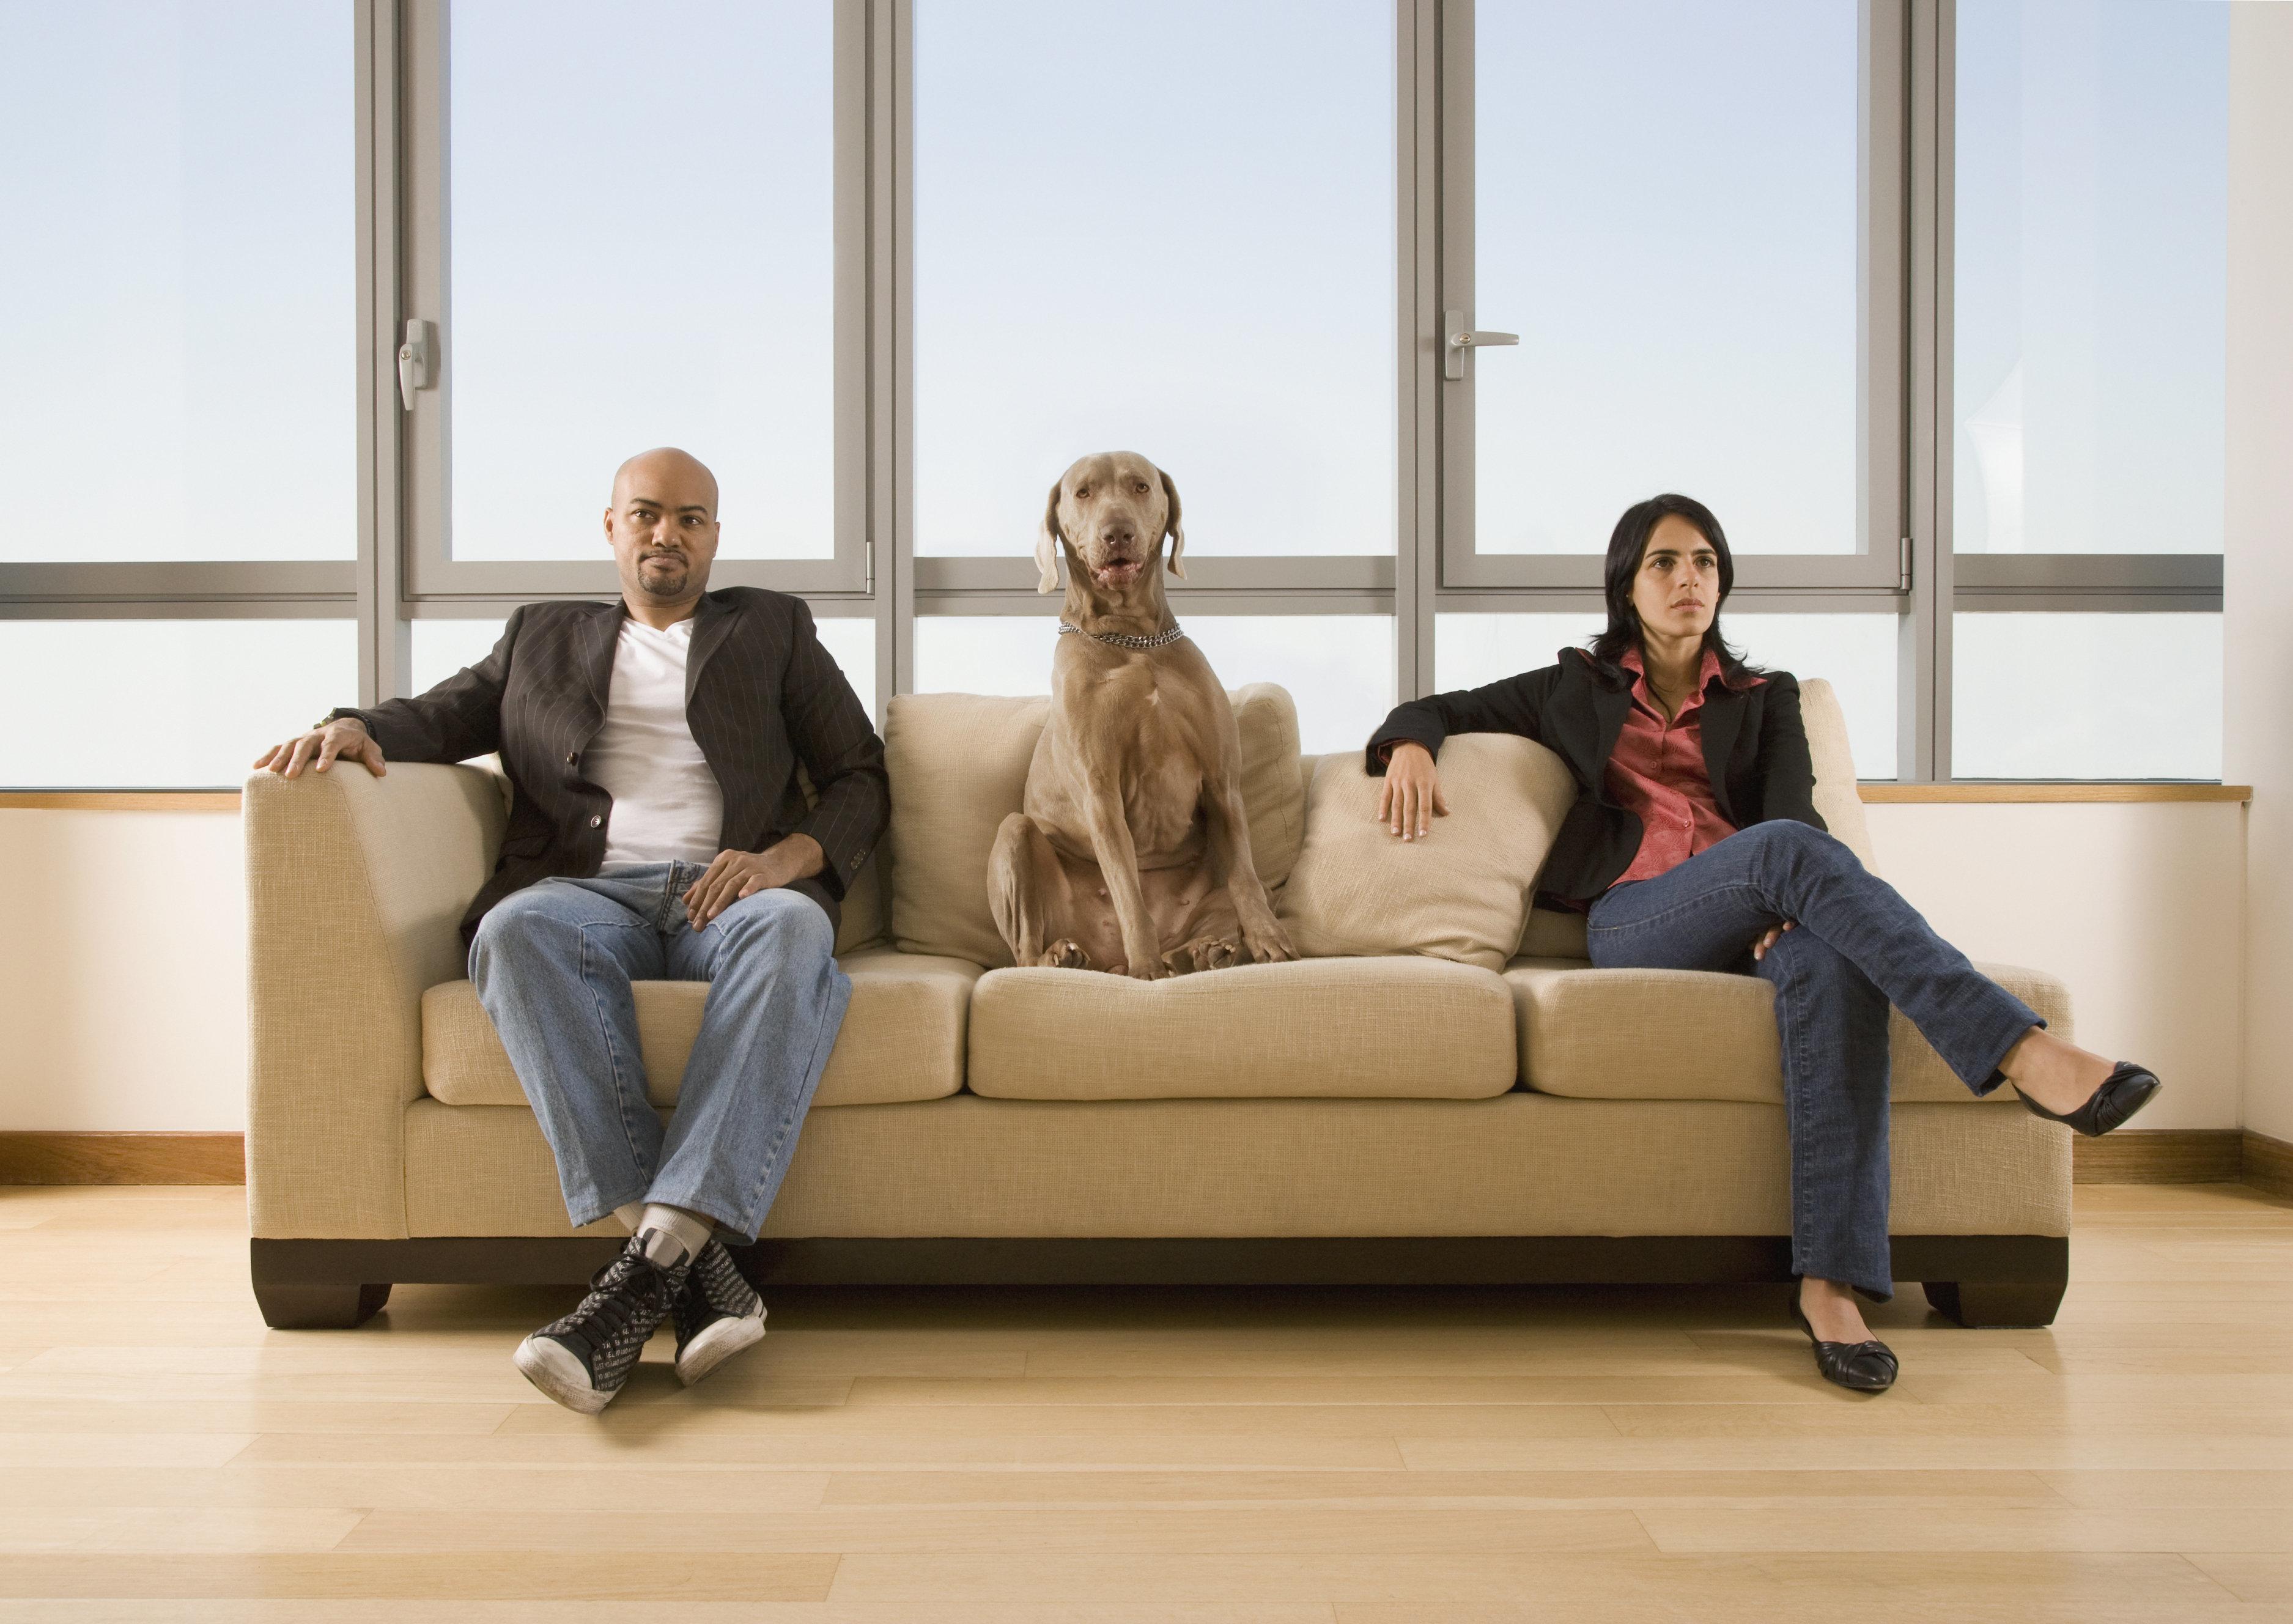 Multi-ethnic couple and dog sitting on sofa